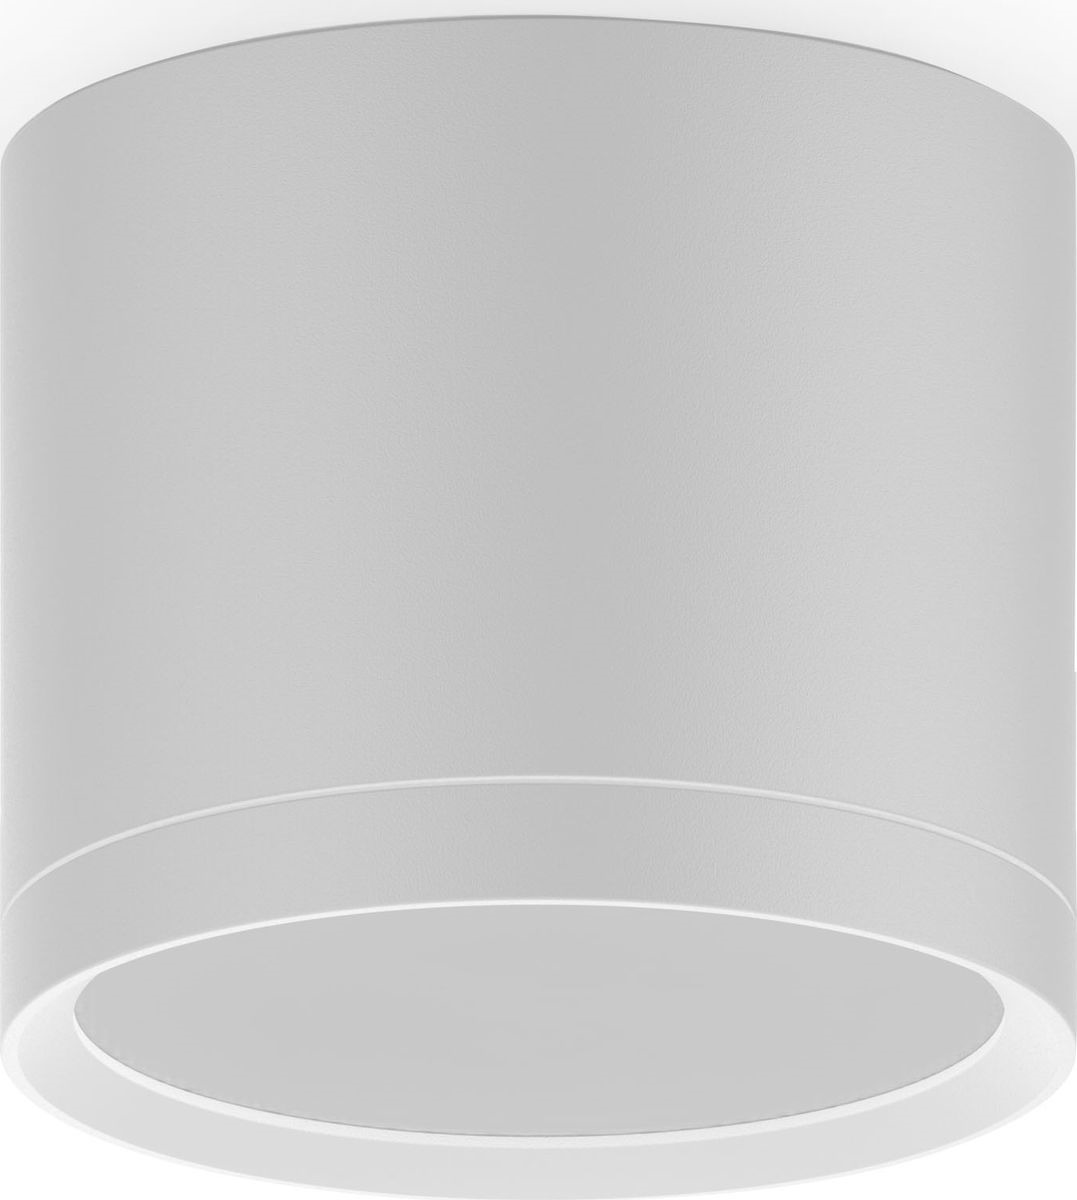 Накладной светильник Gauss LED с рассеивателем 10W, 3000K, 700Лм, 1/30, 10 Вт светильники для сада led